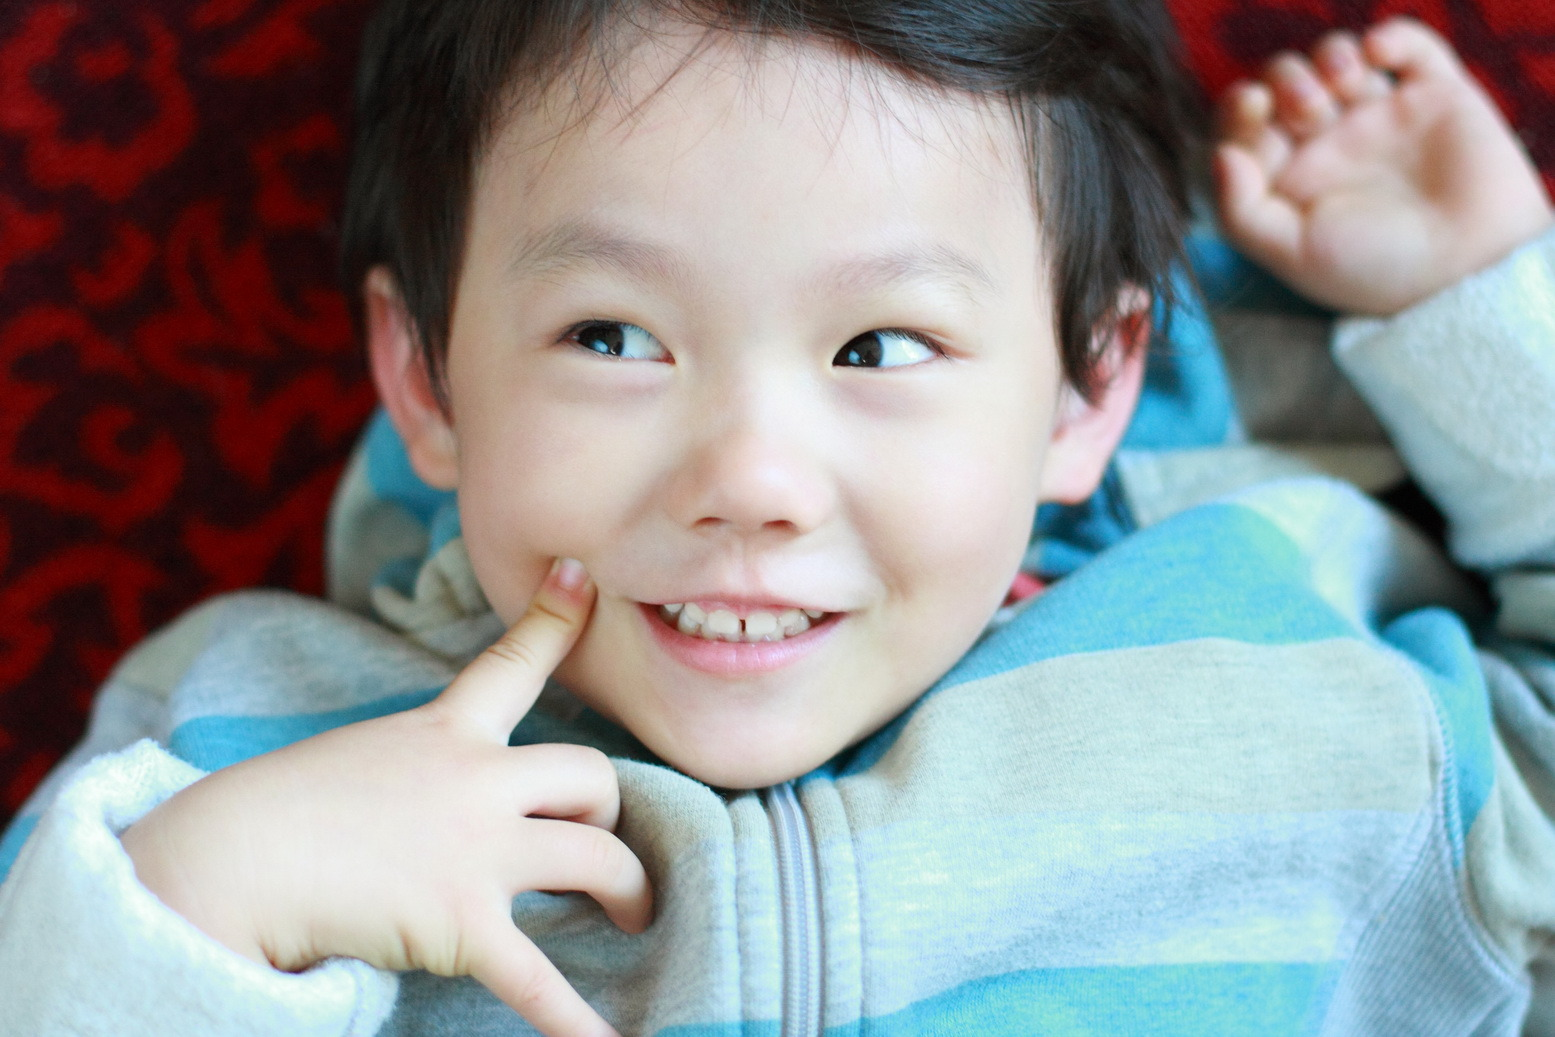 记录纯真笑脸 儿童摄影的器材选择和技巧